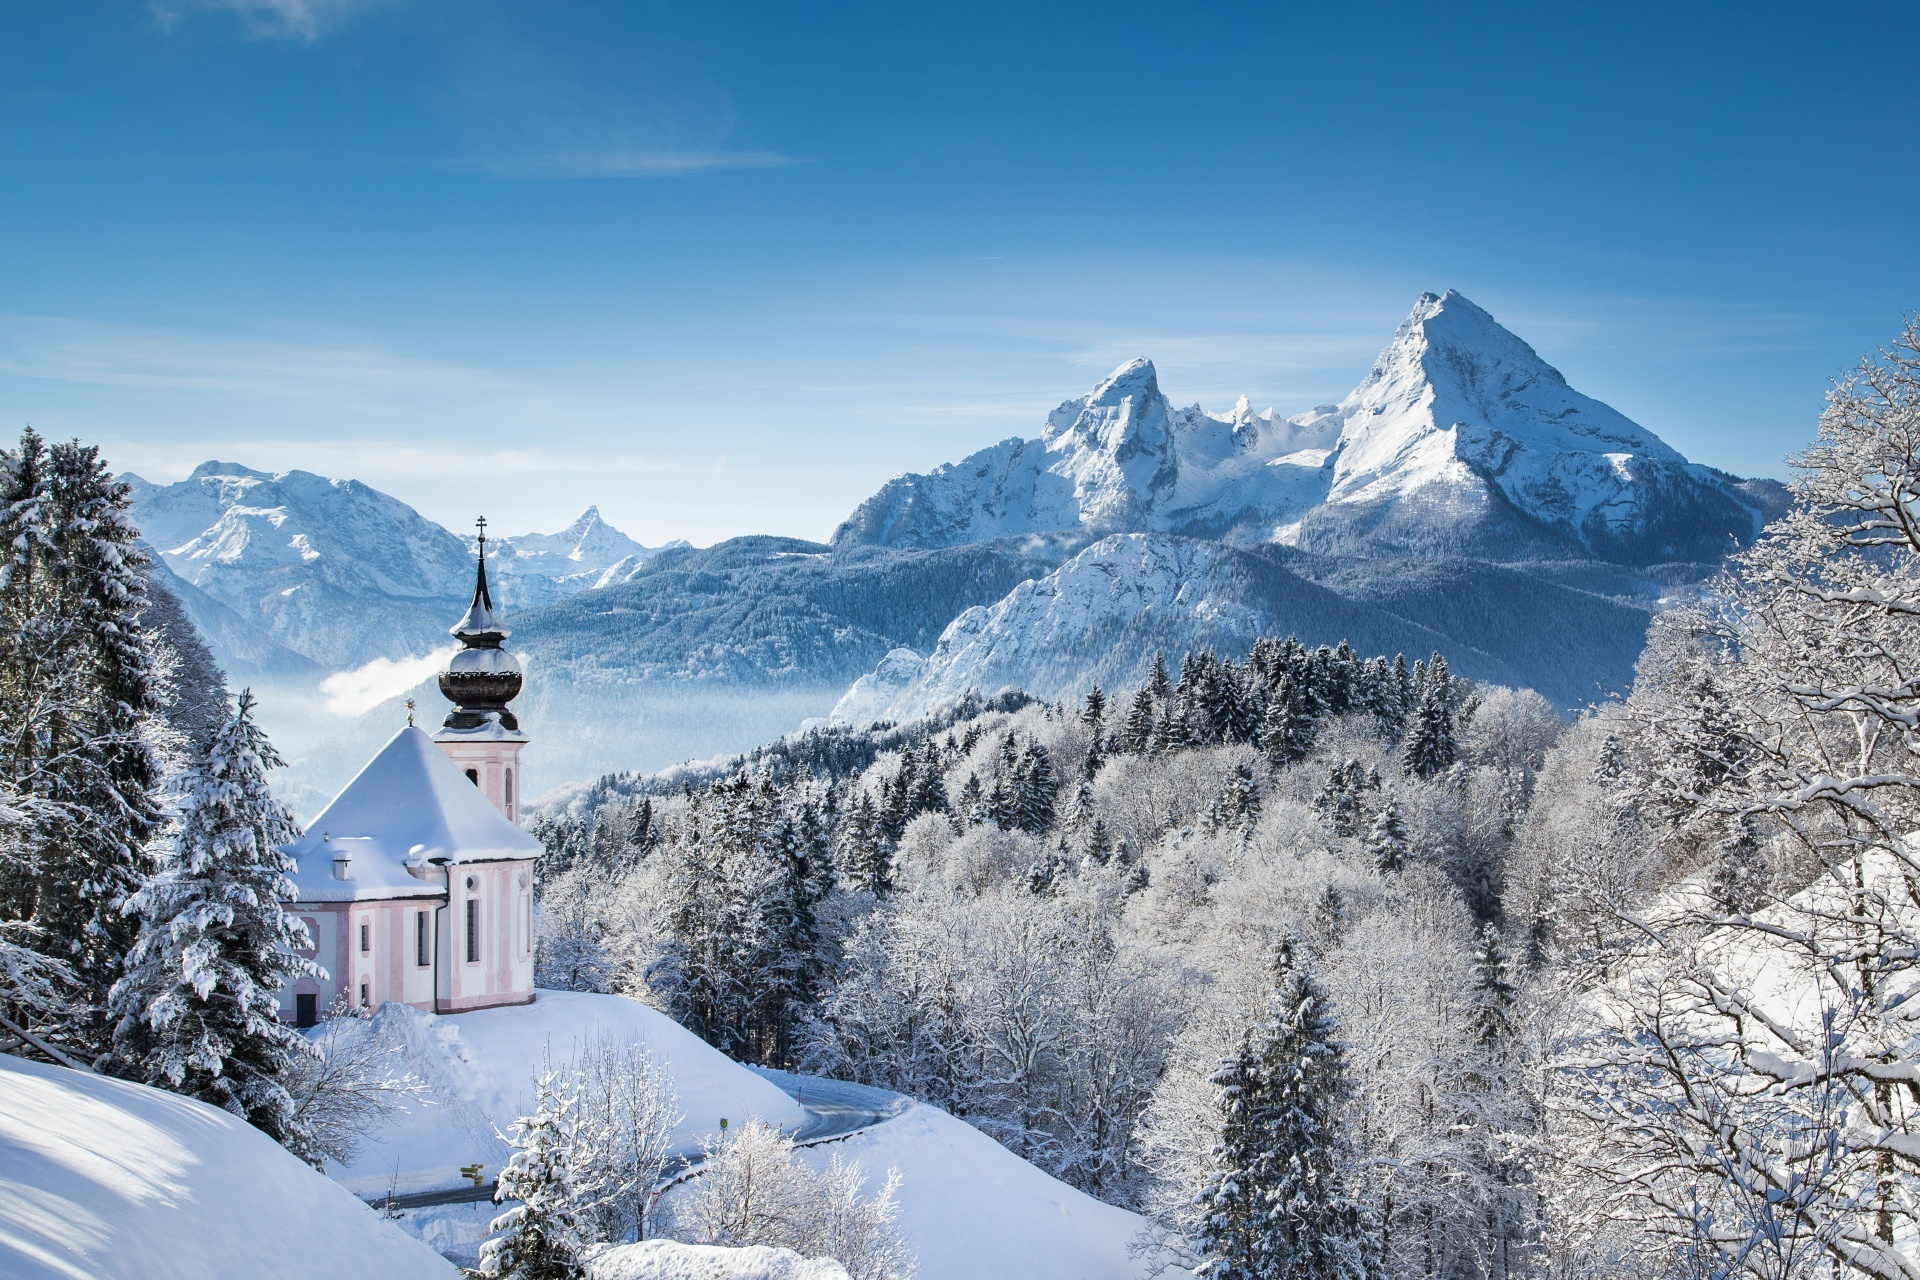 マリア・ゲルンの巡礼教会とワッツマン山塊 ベルヒテスガーデン国立公園 冬のバイエルン・アルプスのパノラマ・ビュー ドイツ バイエルン州ベルヒテスガーデナー・ラント郡